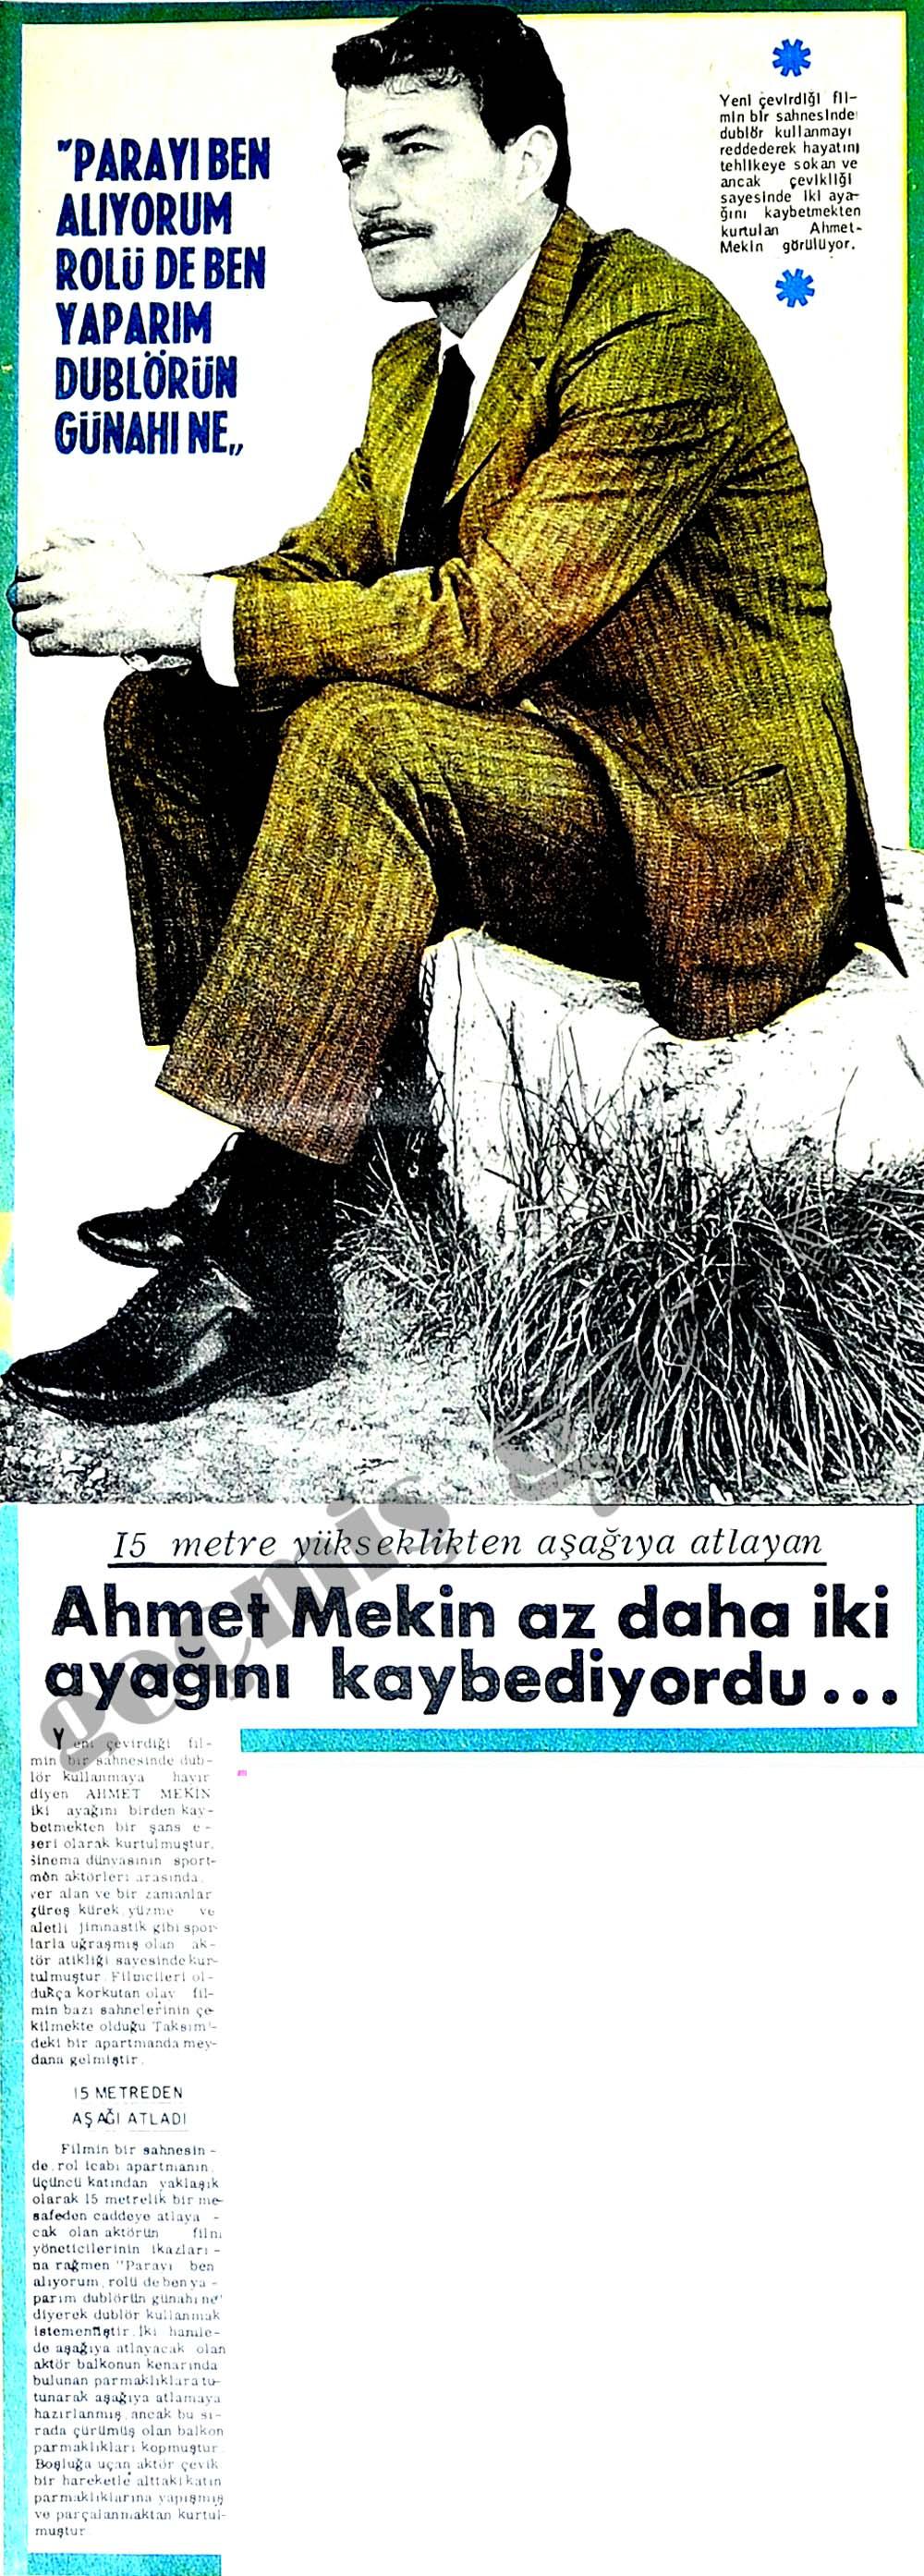 Ahmet Mekin az daha iki ayağını kaybediyordu